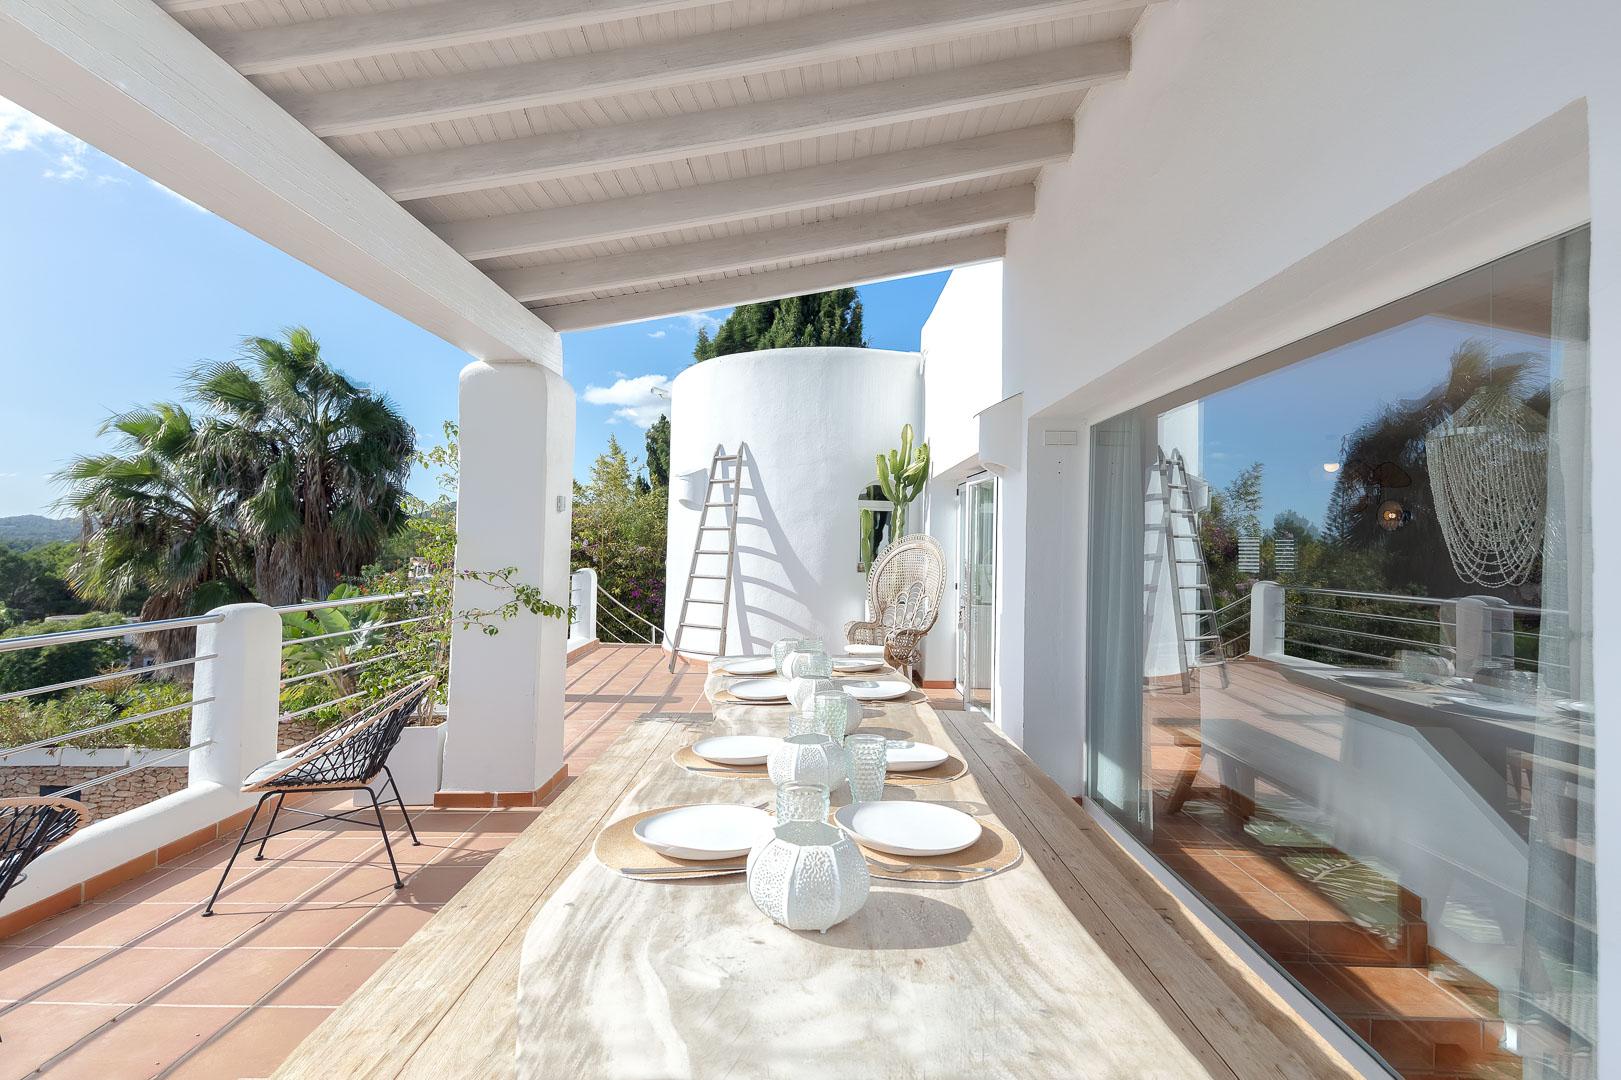 fotografía exterior villa payesa del comedor en Ibiza